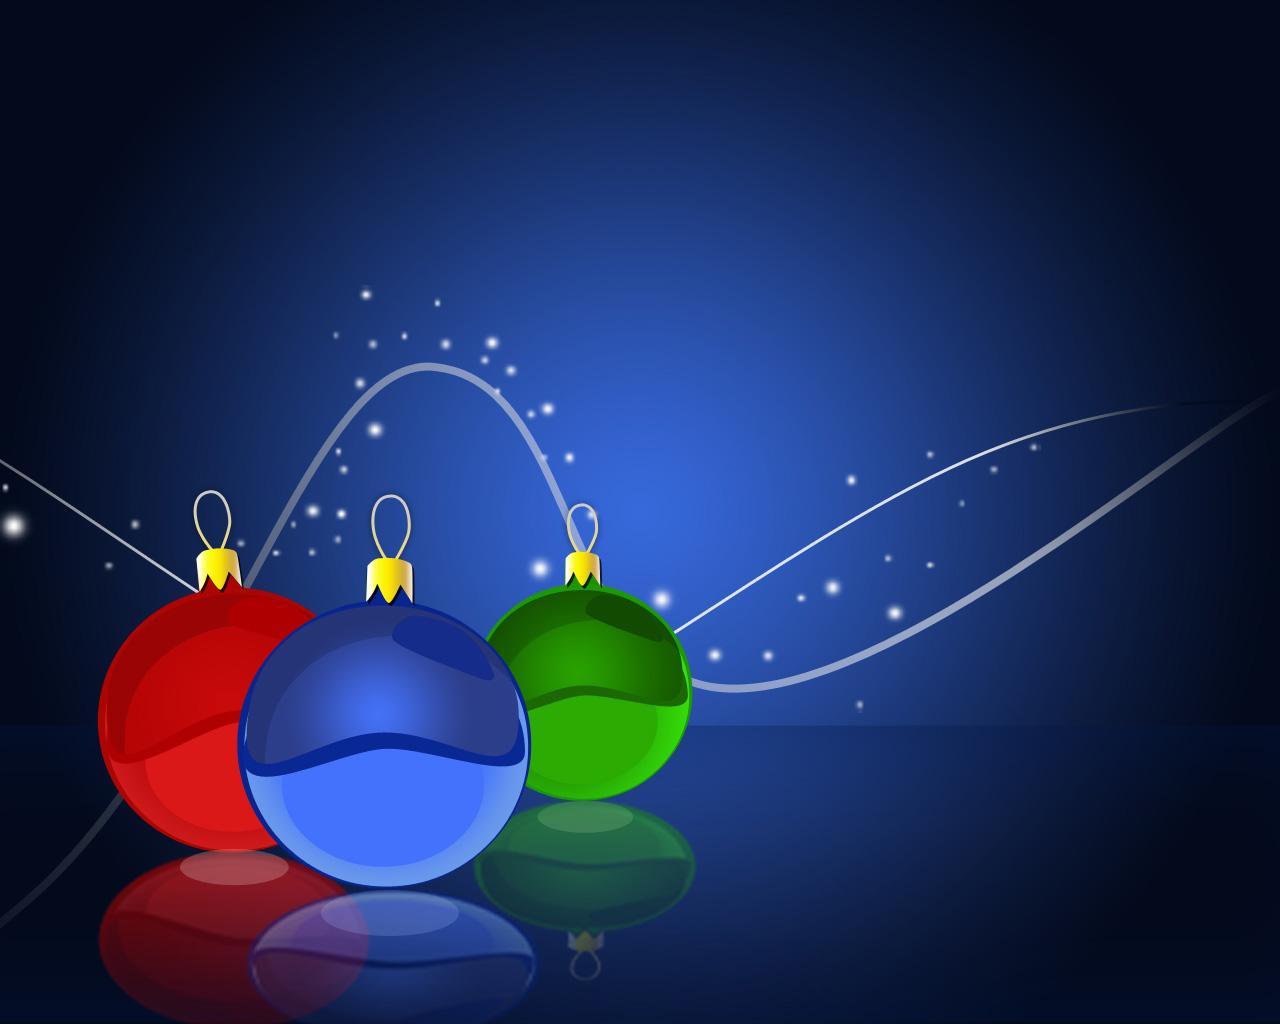 Desktopbilder, Hintergrundbilder, Wallpapers - Hintergrundbilder Weihnachten Desktop